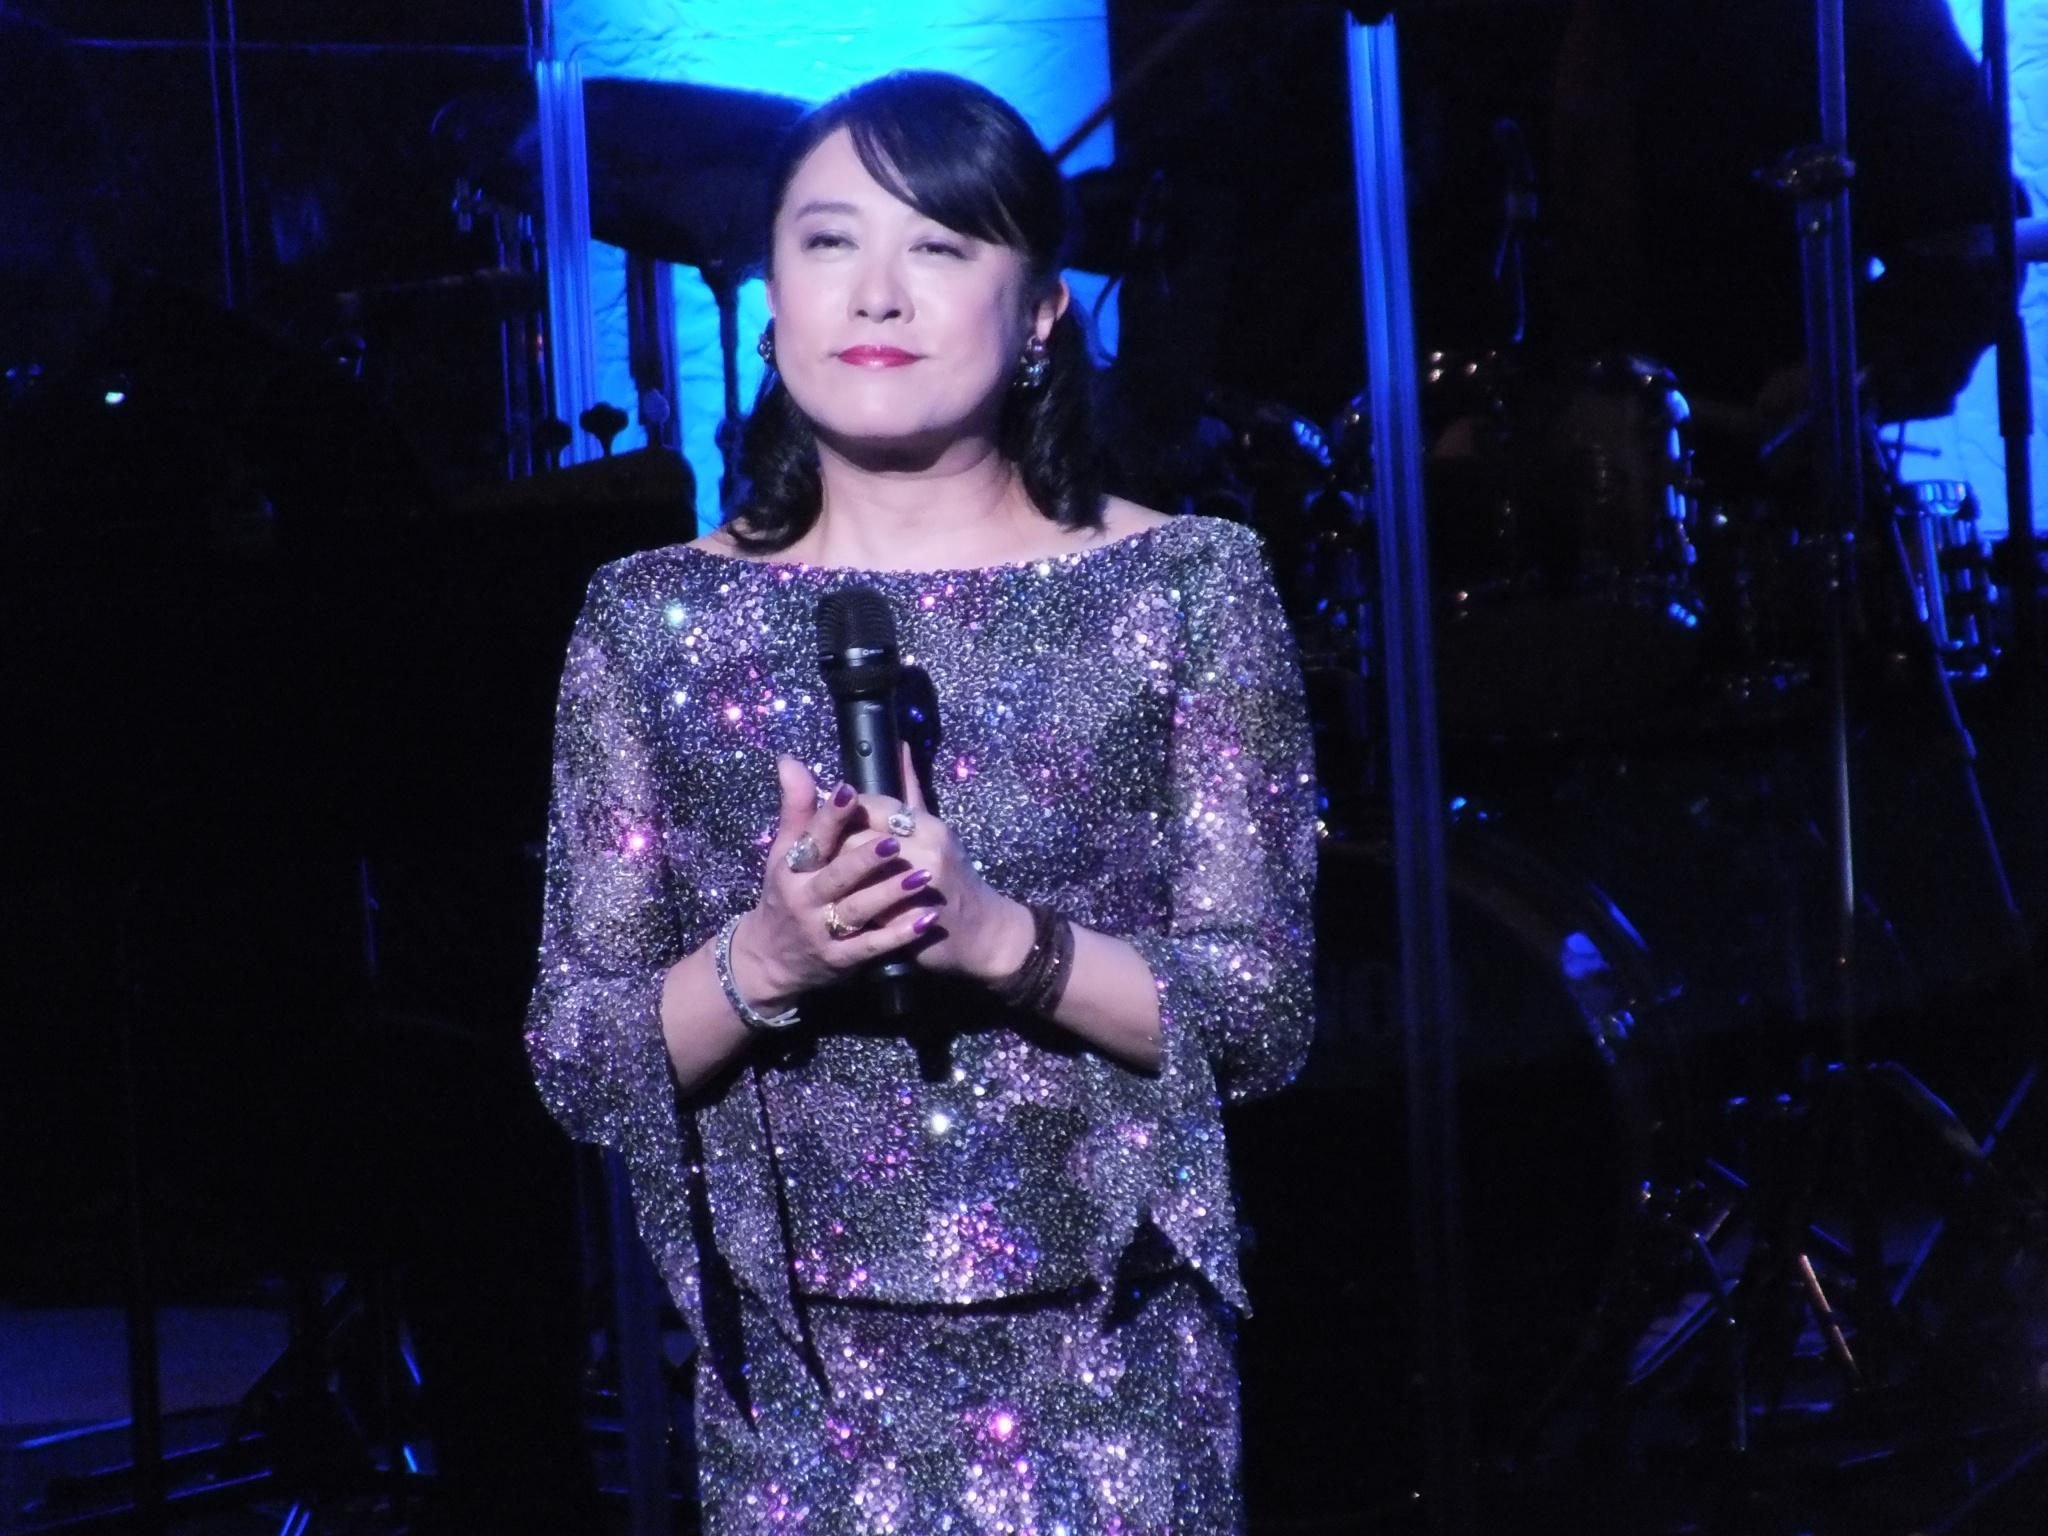 夢コンサート(江戸川区総合文化センター):日野美歌